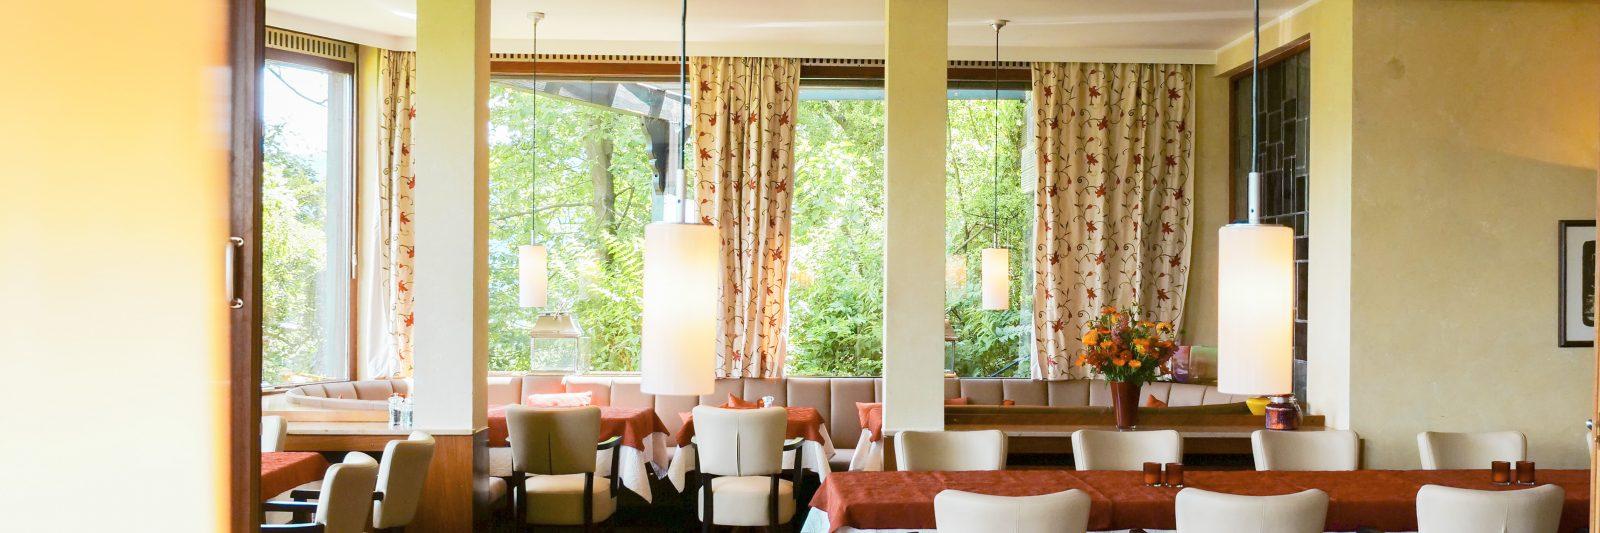 Restaurant_Ein ruhiges Hotel, Restaurant und Café direkt über der Lahn_Berghotel_Wintersberg